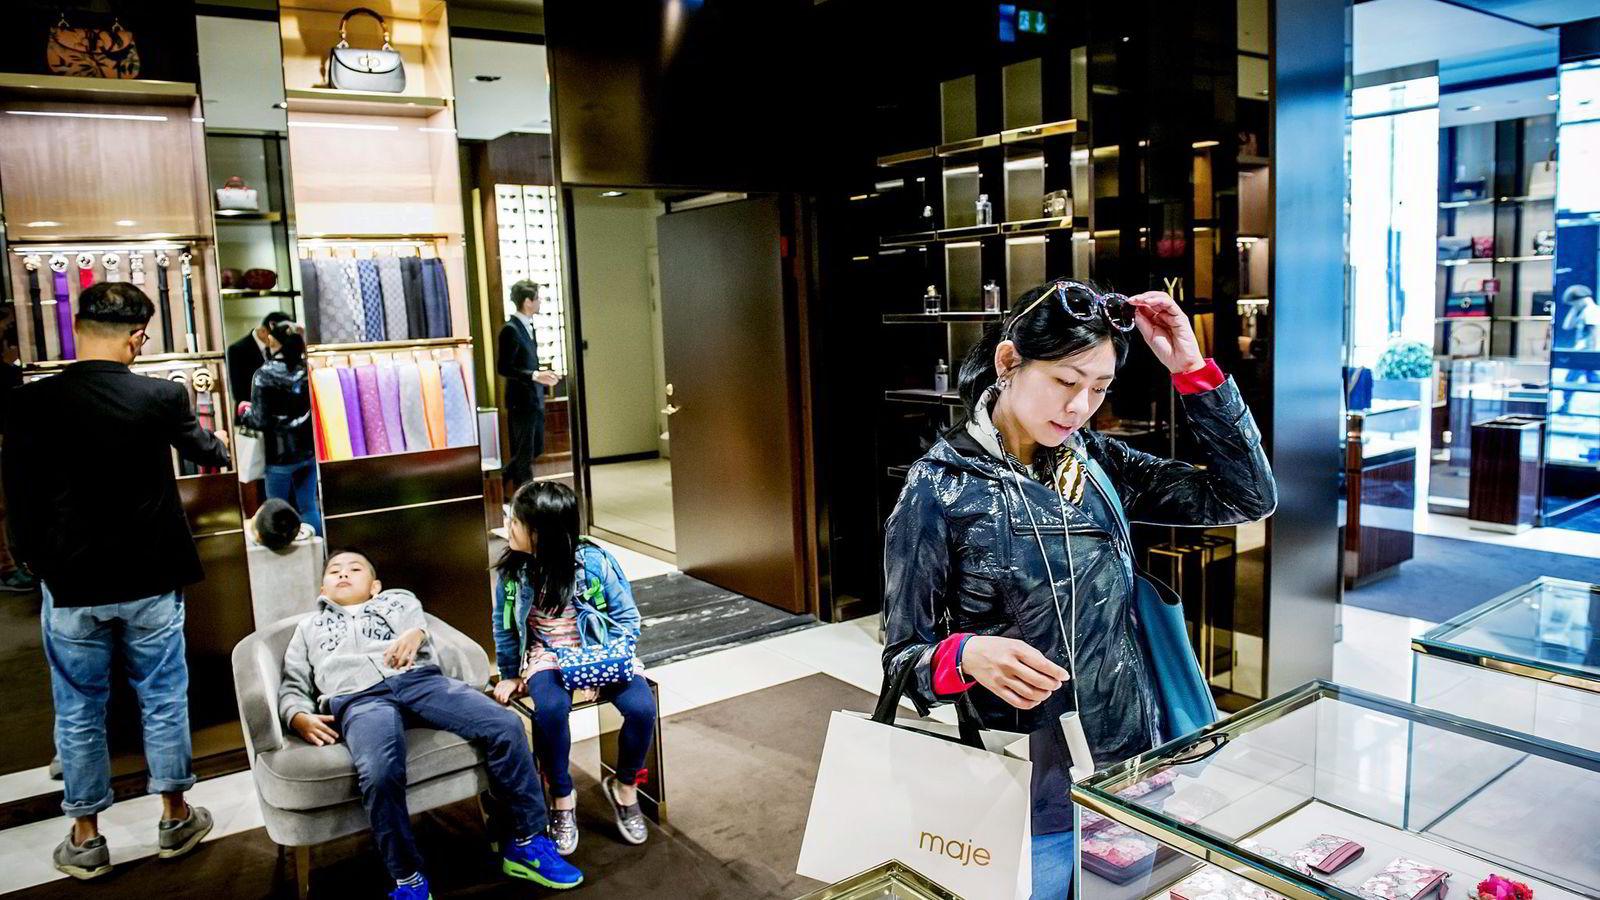 Familien Kwok fra Hong Kong er på en måneds reise i Europa og benytter anledningen til å sjekke prisnivået på luksusmerker hos Gucci i Oslo. – Jeg ser vanligvis etter europeiske merker som Prada, Burberry og Alexander McQueen, sier mor Debby Kwok (38). Begge foto: Gorm K. Gaare